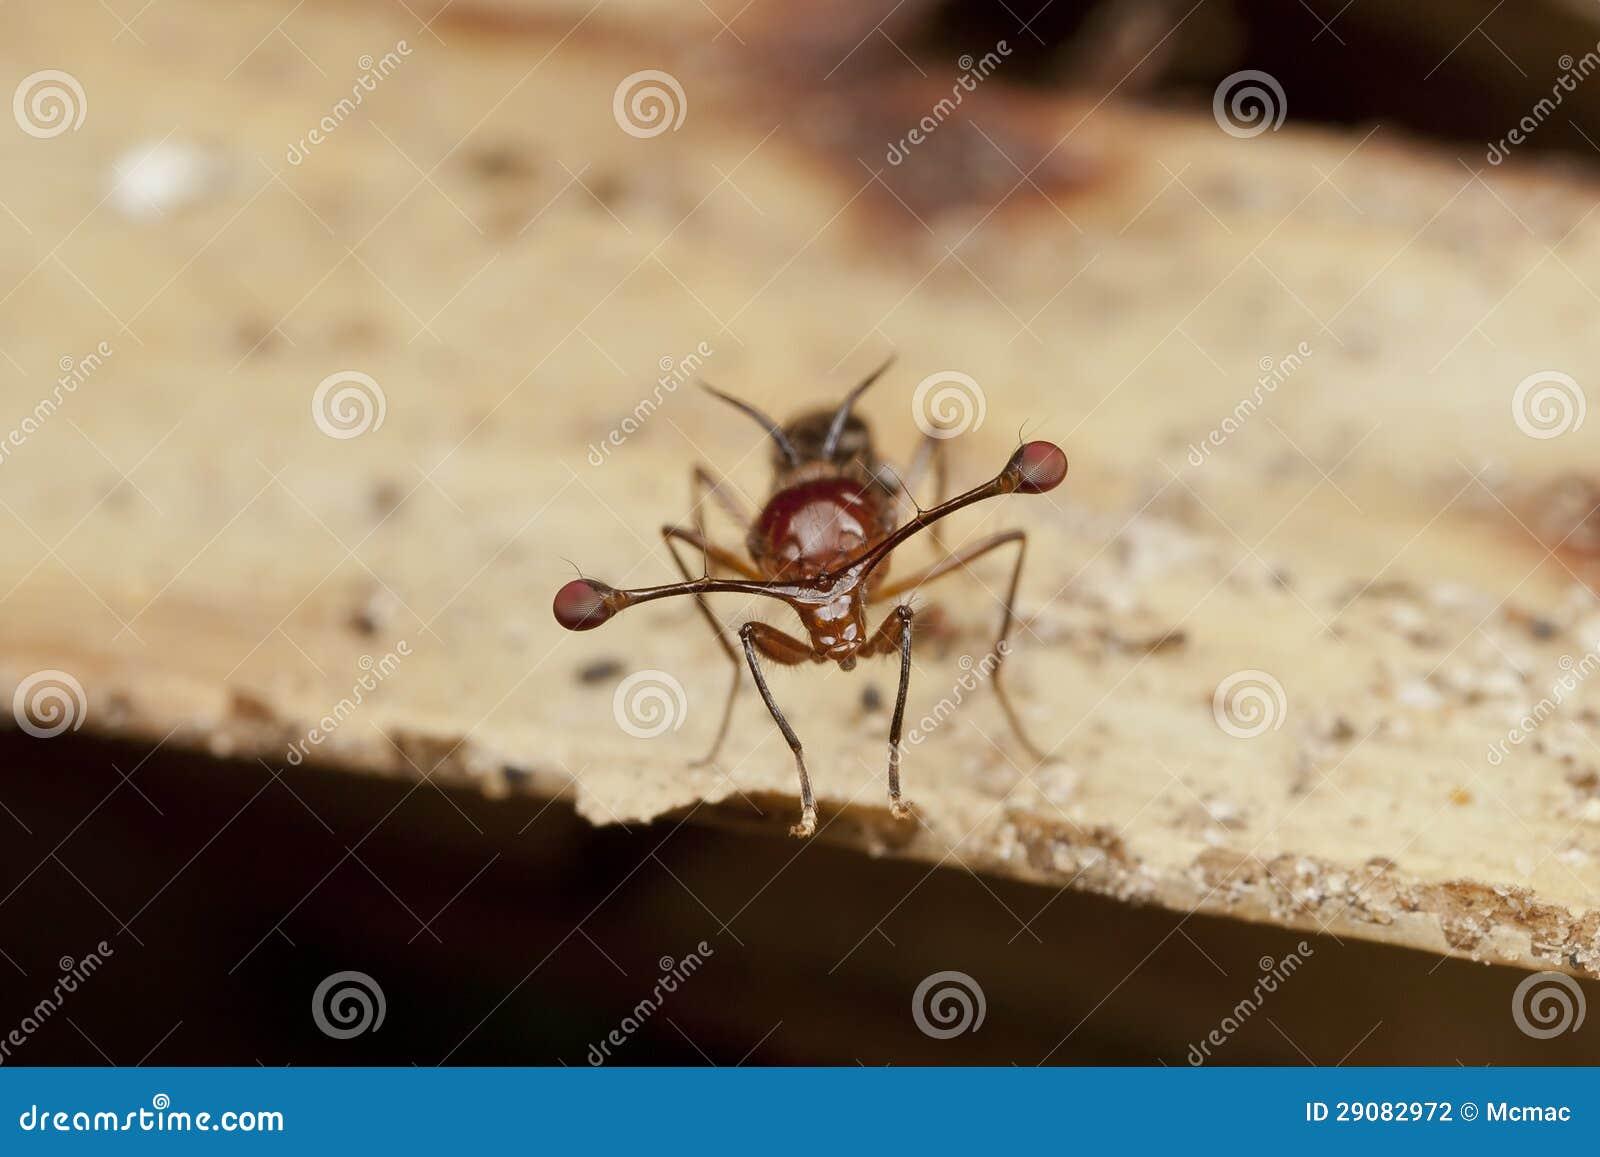 Malaysische Stiel-äugige Fliege